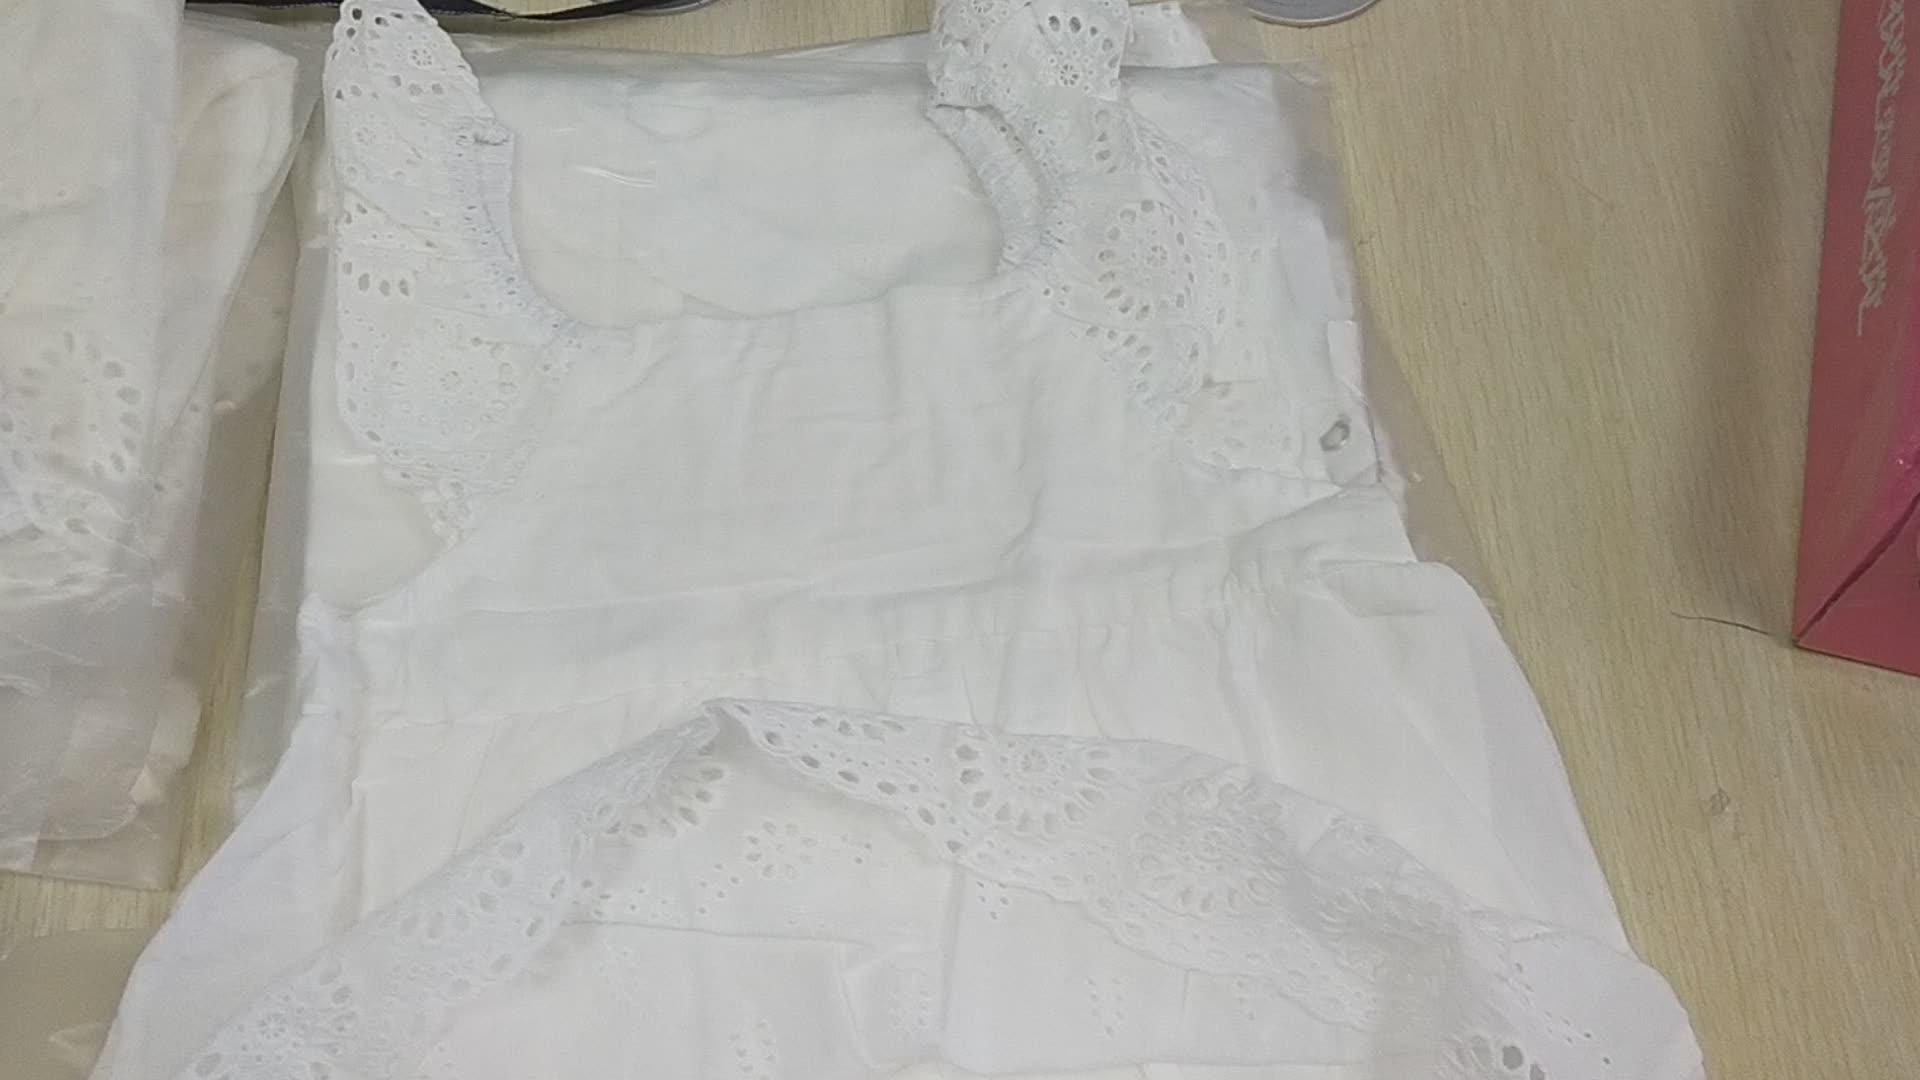 ผู้จัดจำหน่ายเด็กเสื้อผ้าเด็กสีขาวเสื้อคลุมหลวมขายส่งมาเลเซีย